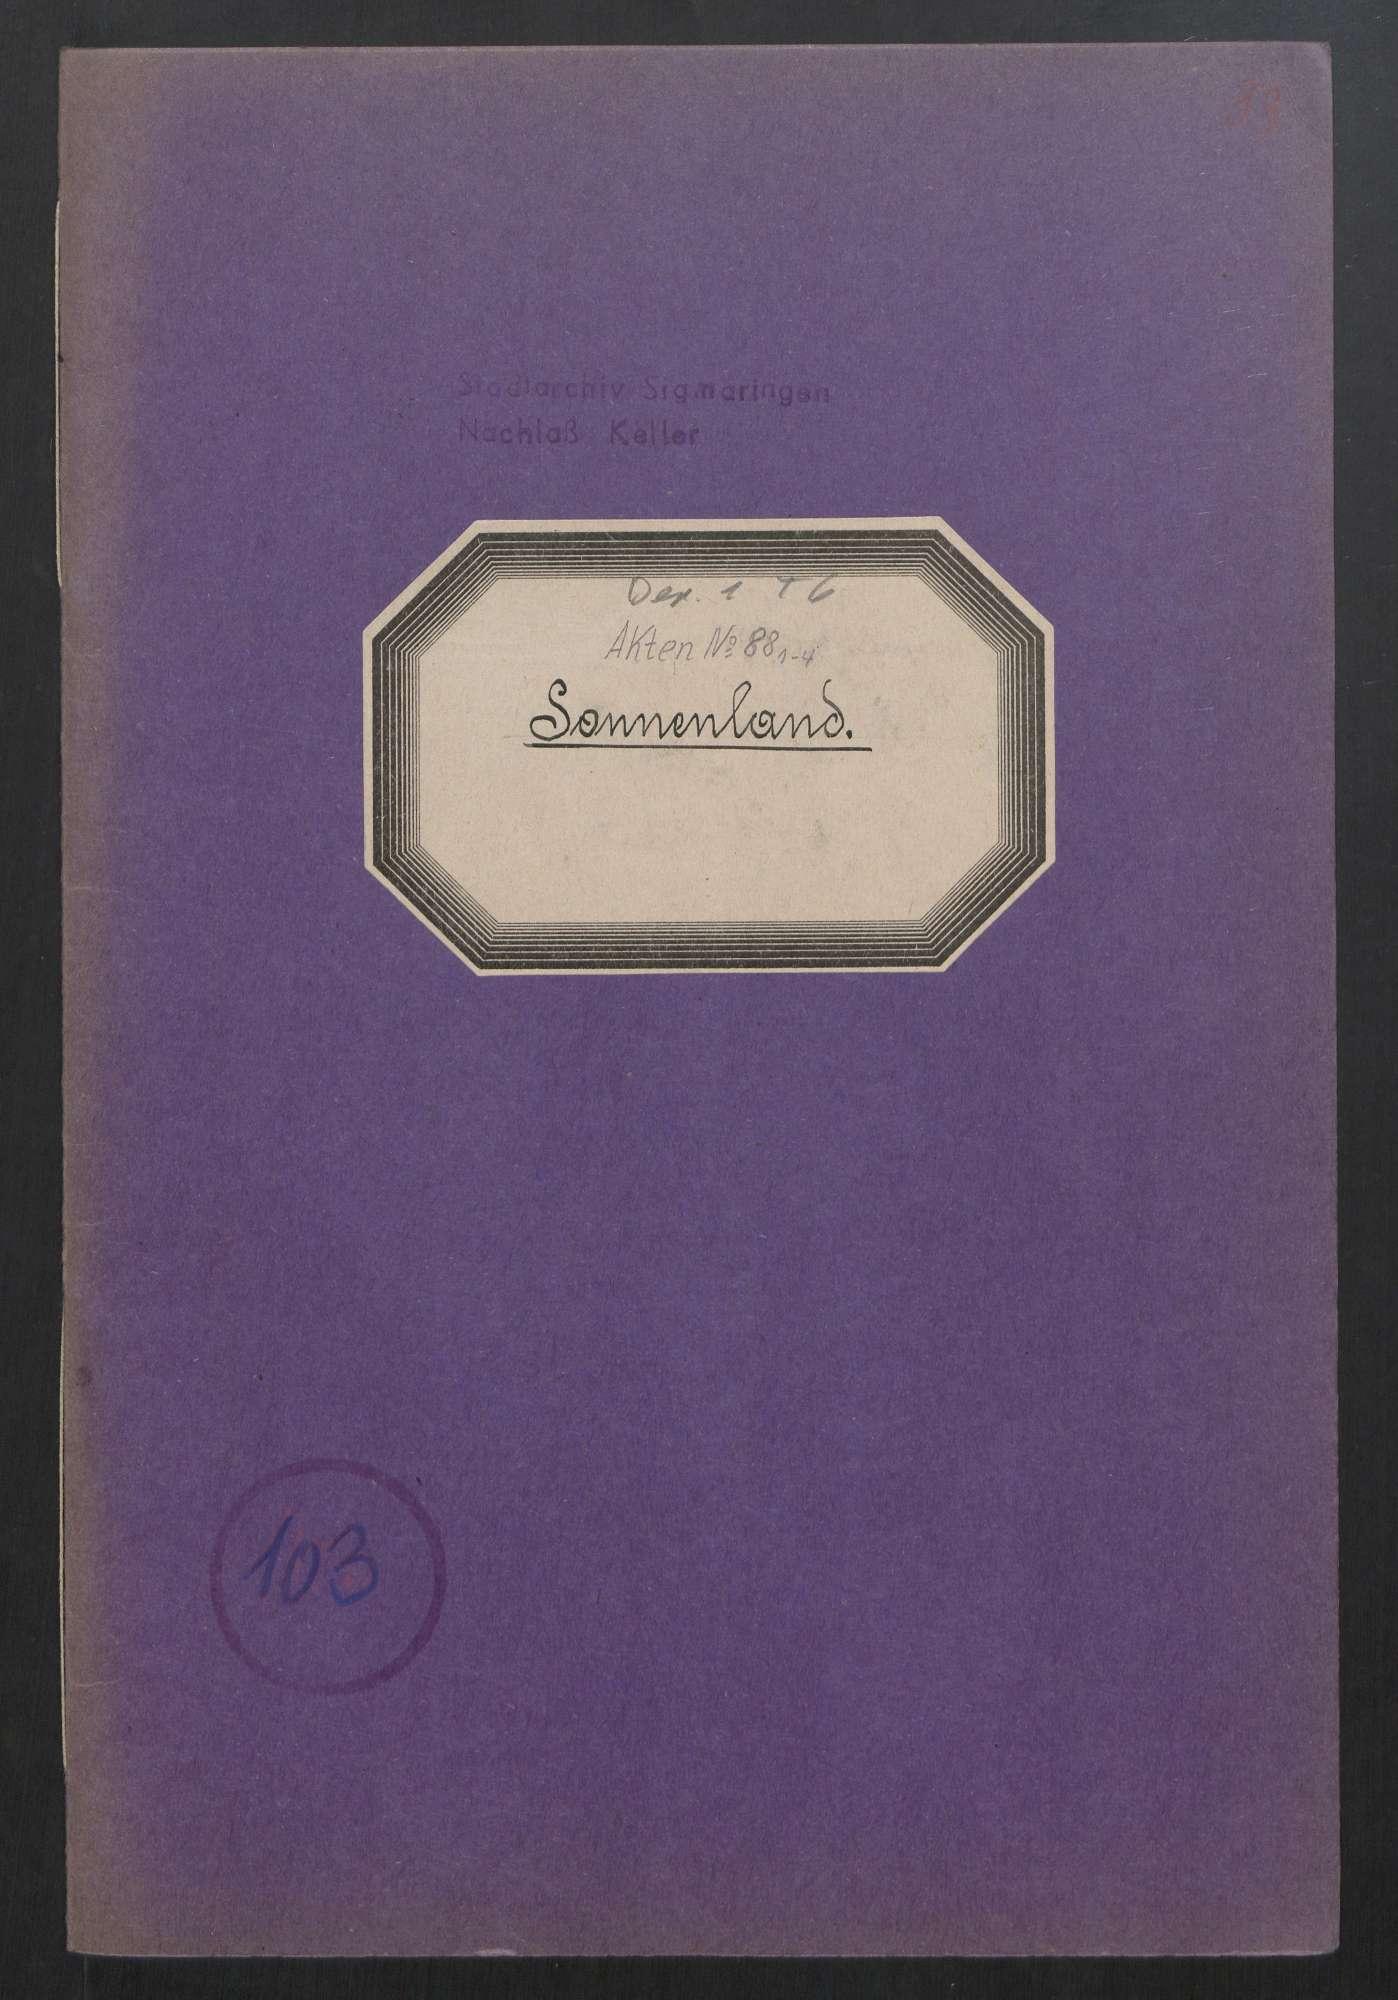 Jugendverein Sonnenland (1916 - 1933), Bild 1